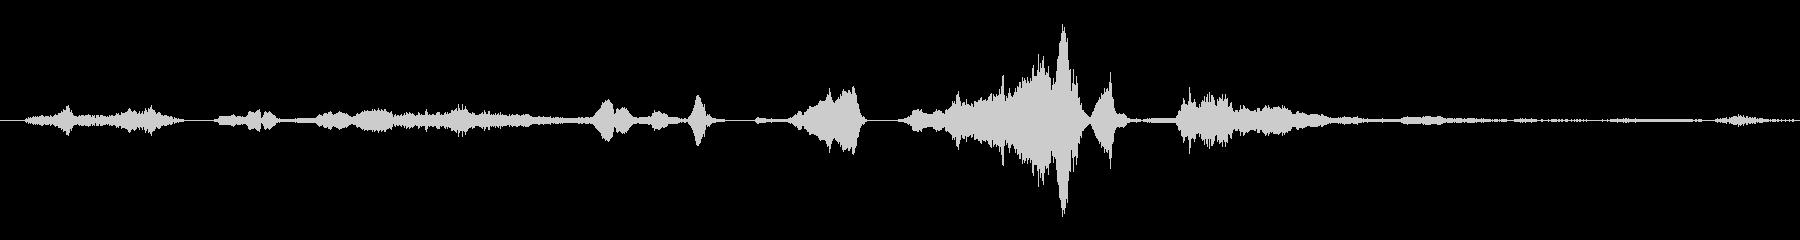 群集 トーク・カーム・クローズ03の未再生の波形